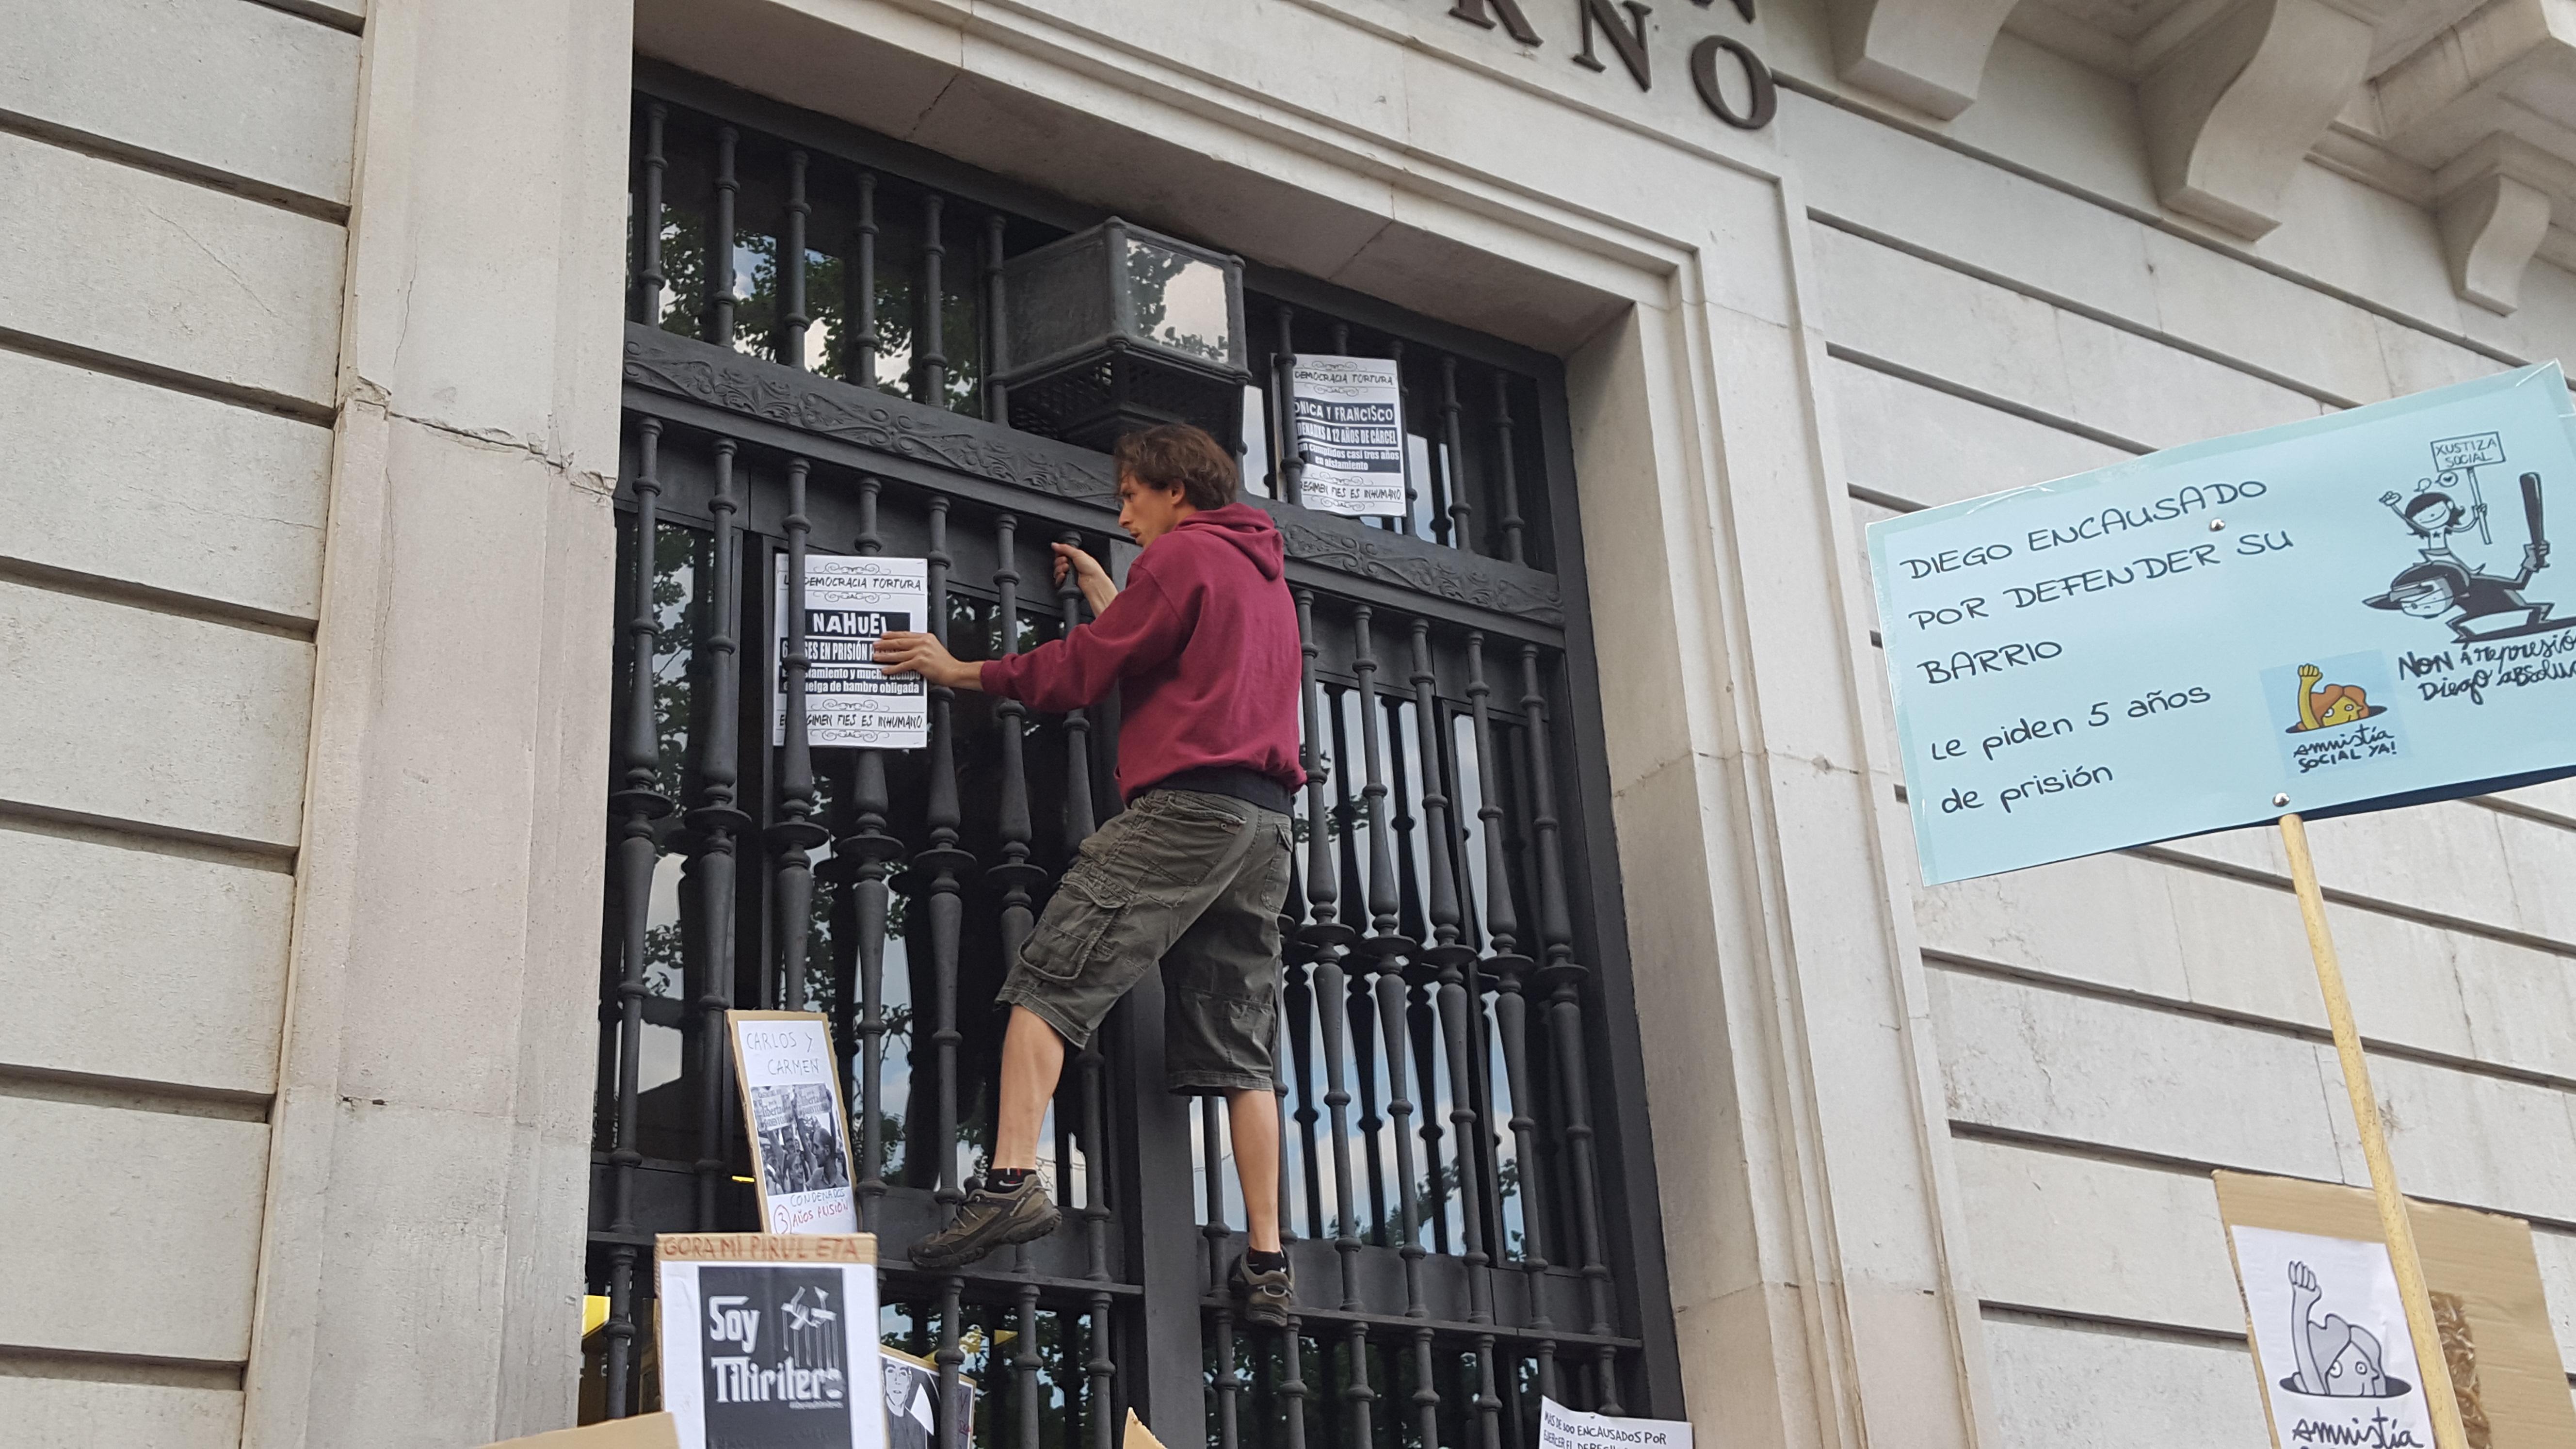 El joven identificado colocando pancartas en el edificio.